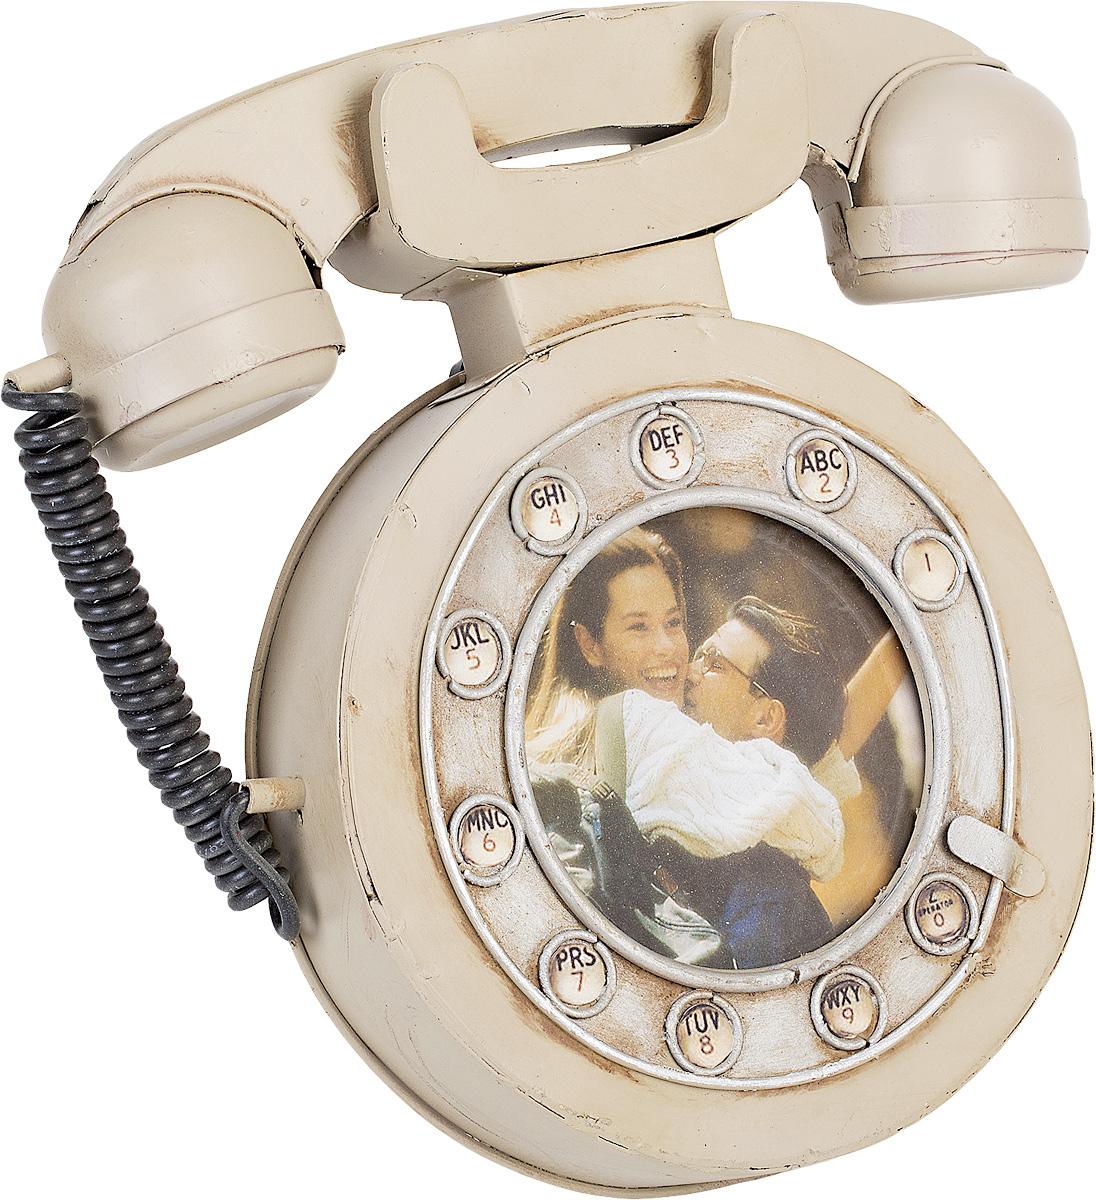 Фоторамка Platinum Телефон дисковый, 10 х 10 см1404B-1347Фоторамка Platinum Телефон дисковый выполнена в классическом стиле из высококачественных материалов. Такая фоторамка поможет вам оригинально и стильно дополнить интерьер помещения, а также позволит сохранить память о дорогих вам людях и интересных событиях вашей жизни.